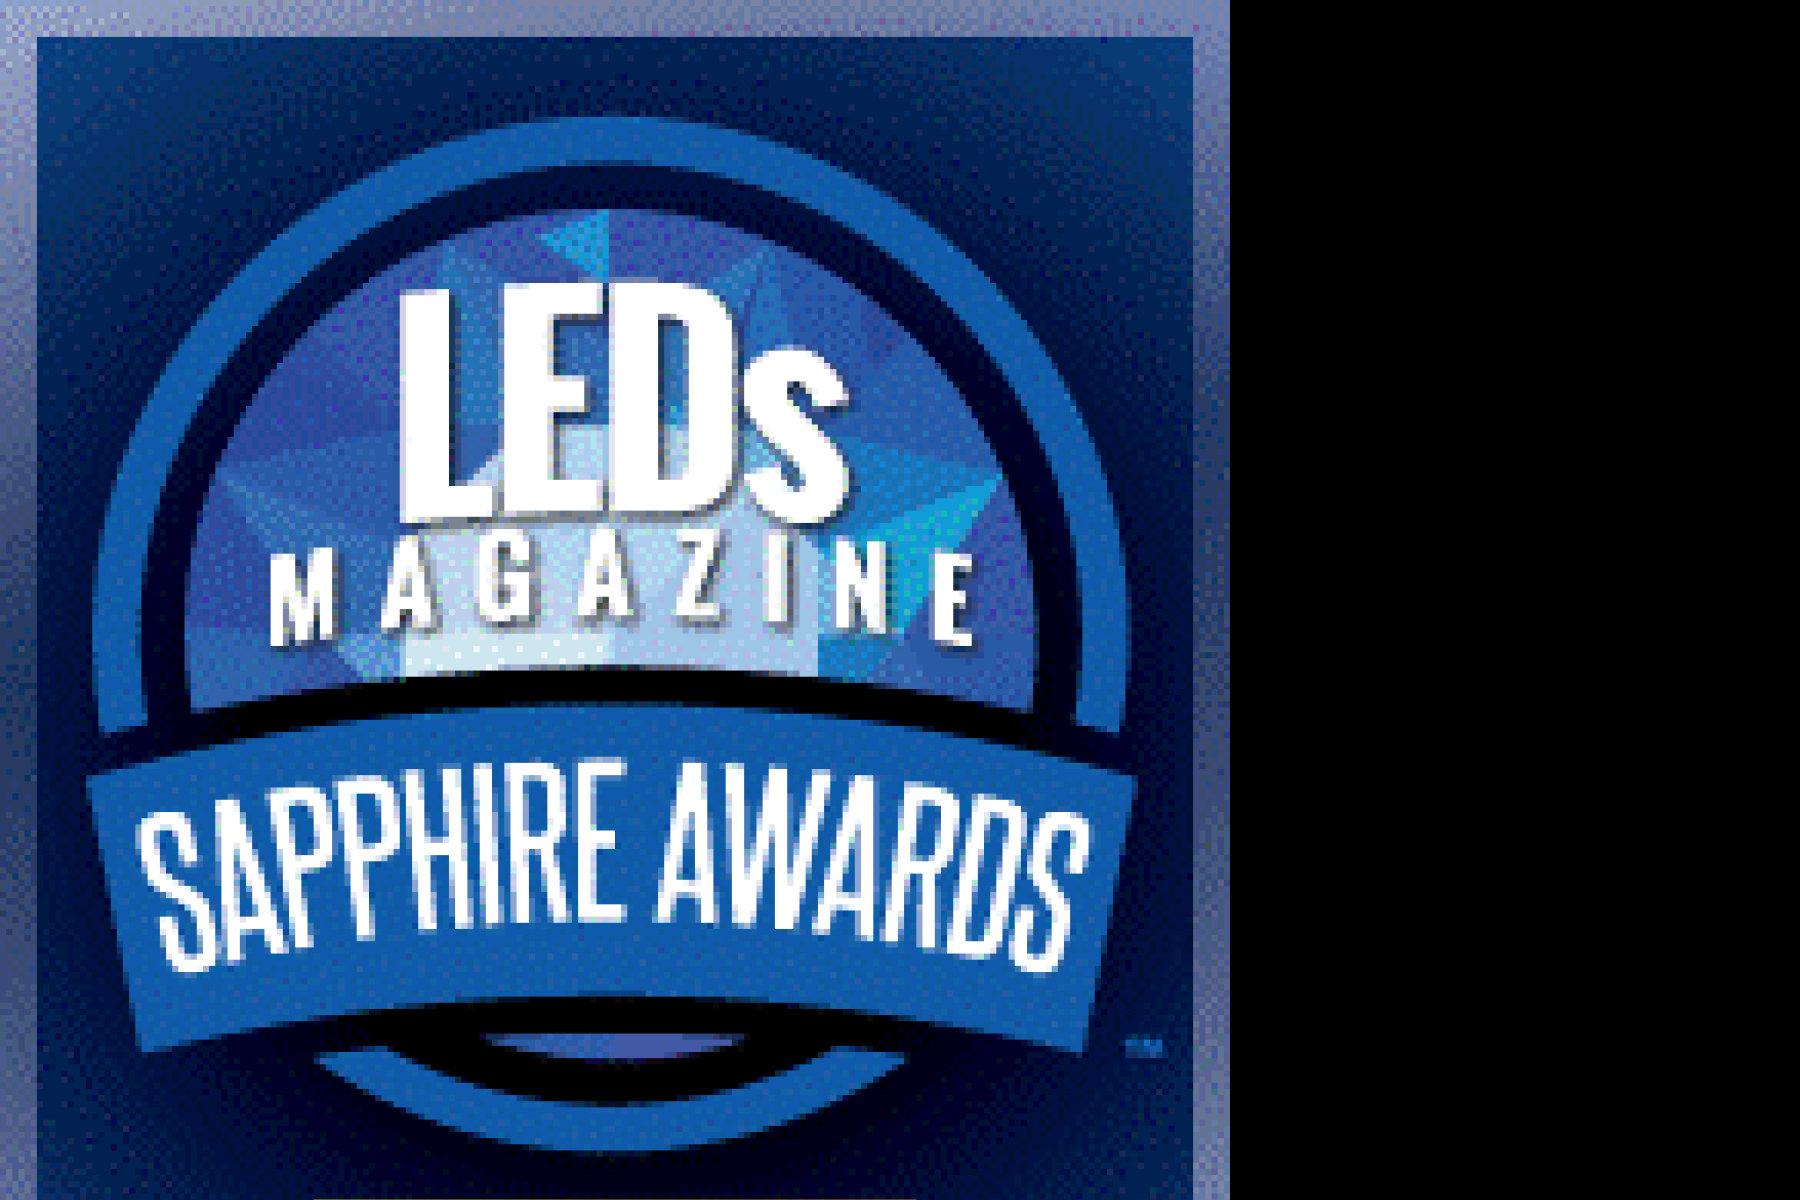 Sapphire Awards 2015 winner logo